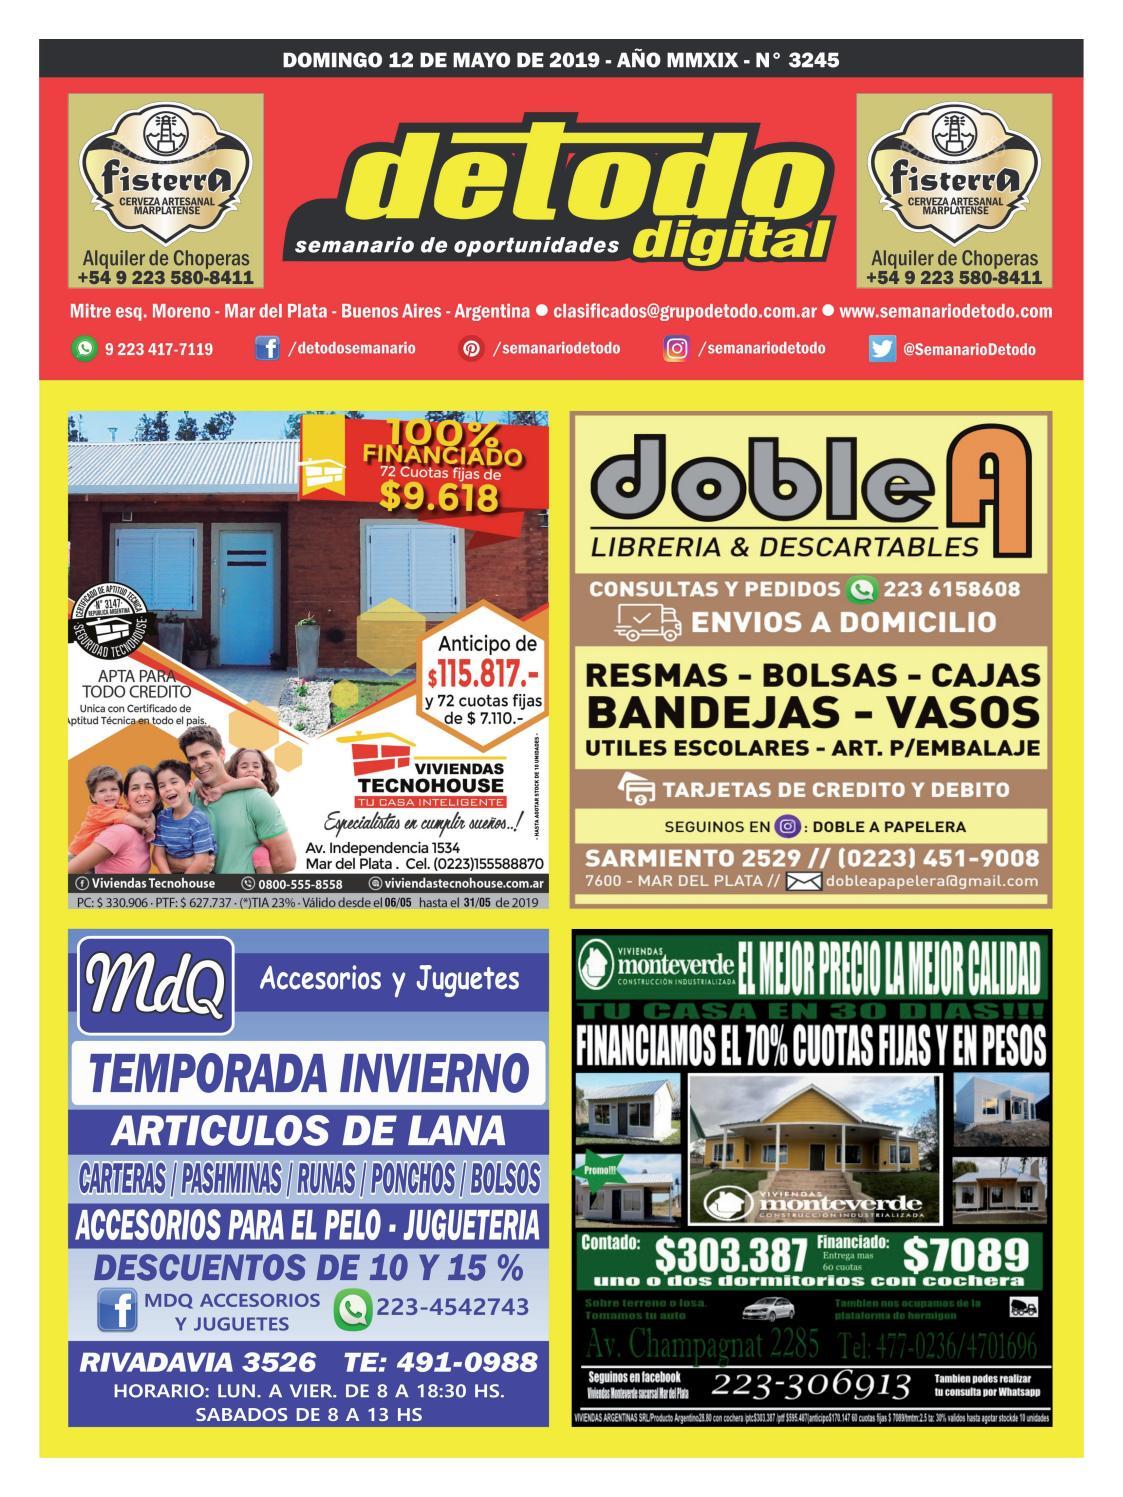 dea11085d Semanario Detodo - Edición N° 3245 - 12/05/2019 by Semanario Detodo - issuu